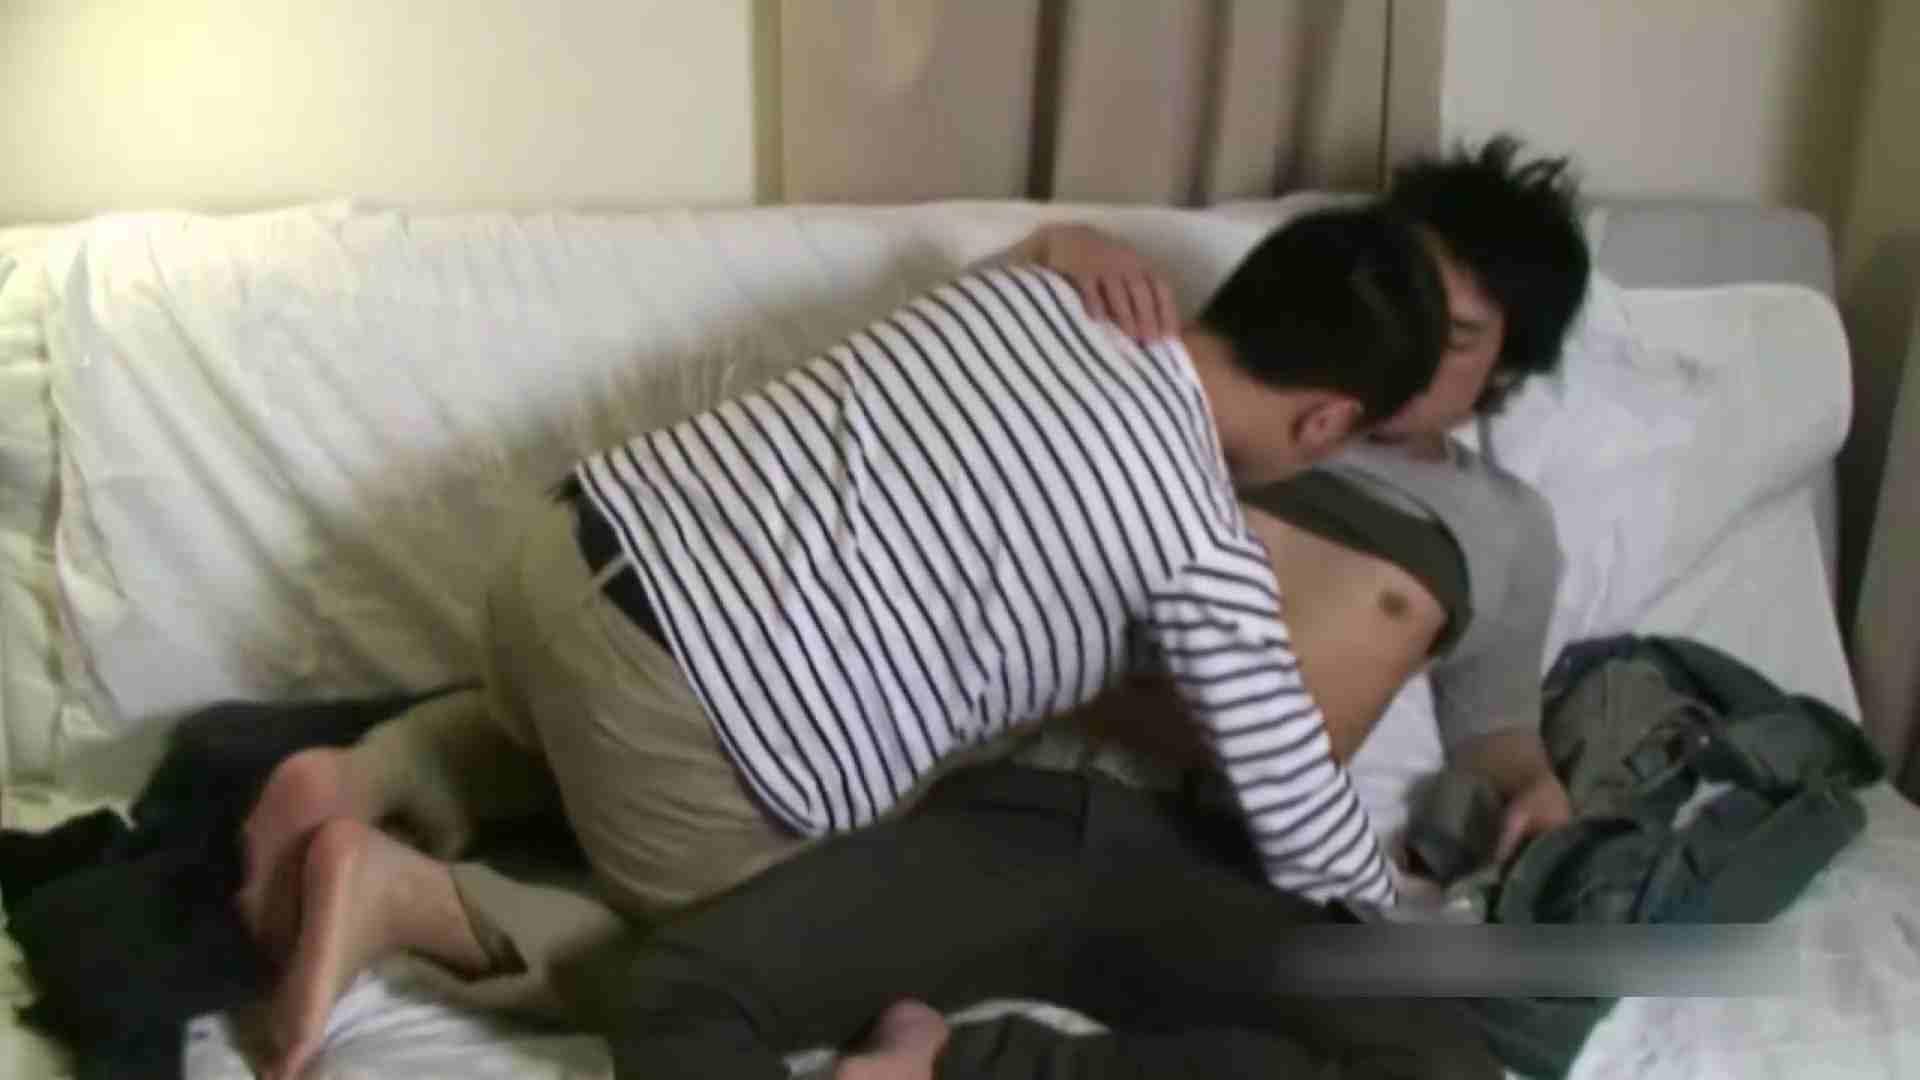 兄弟のように愛し合う Vol.01 フェラ ゲイ素人エロ画像 79枚 39